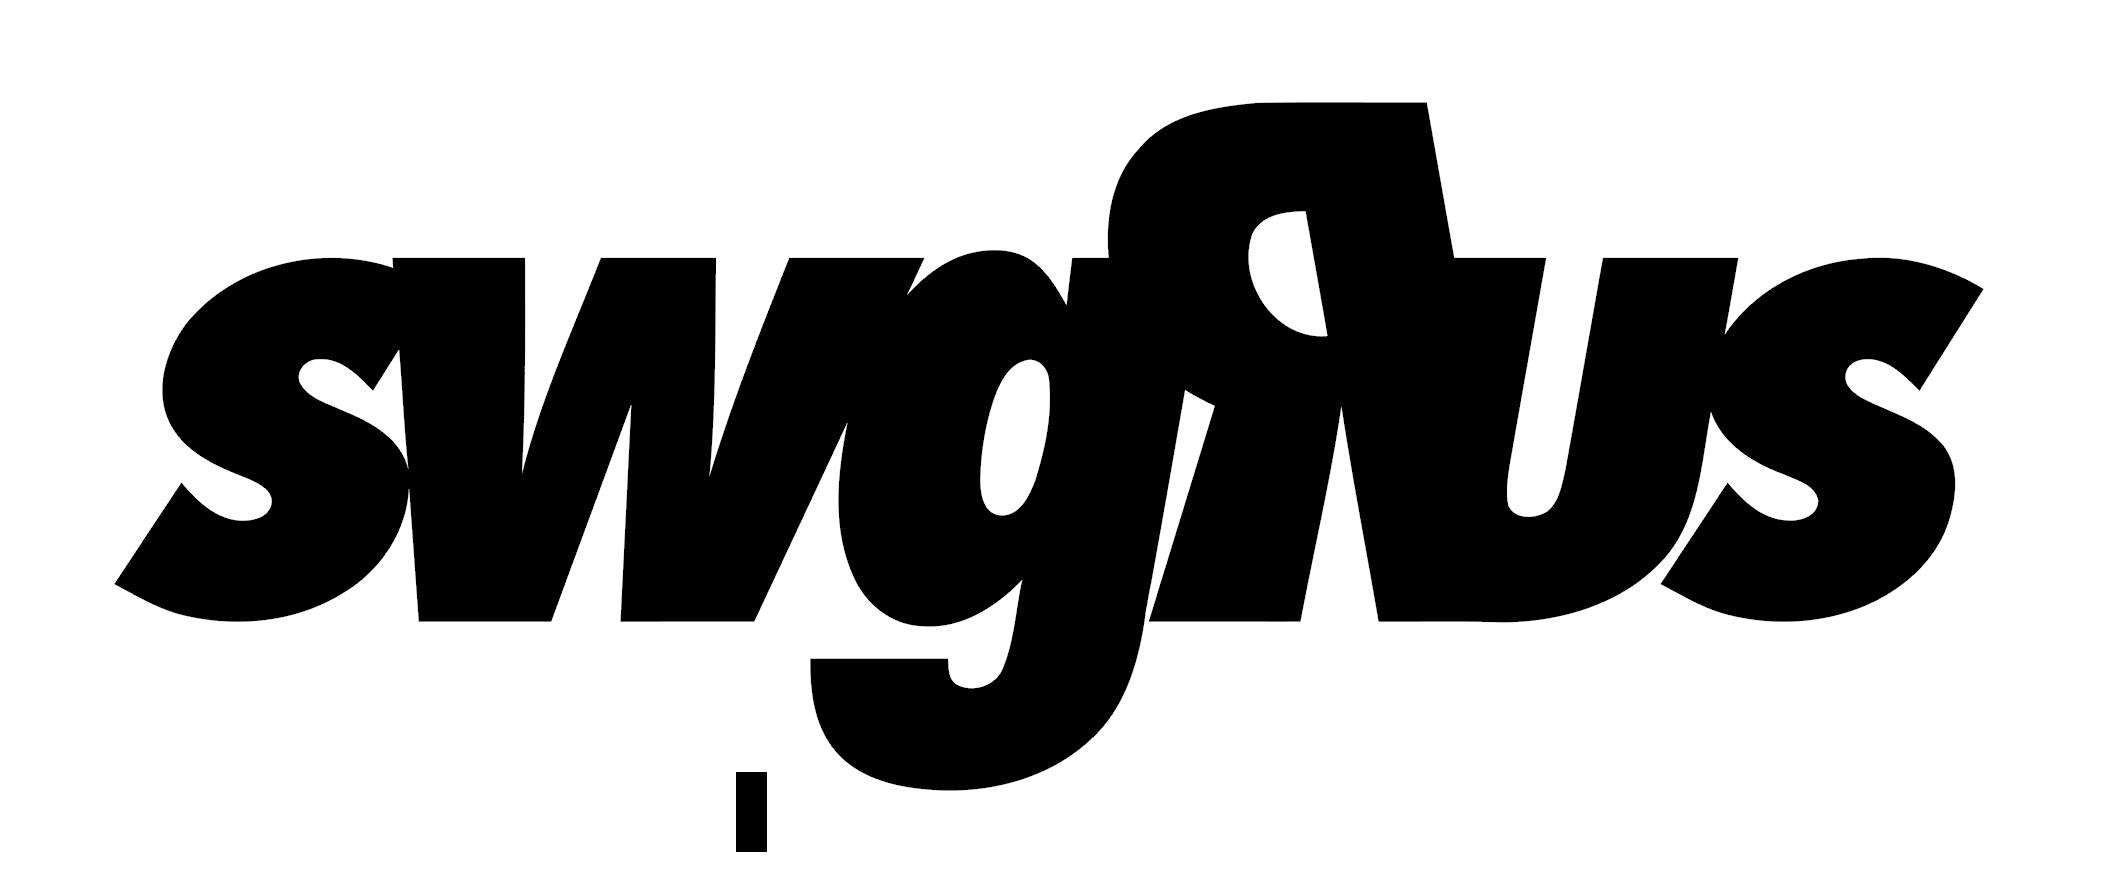 SWGRUS